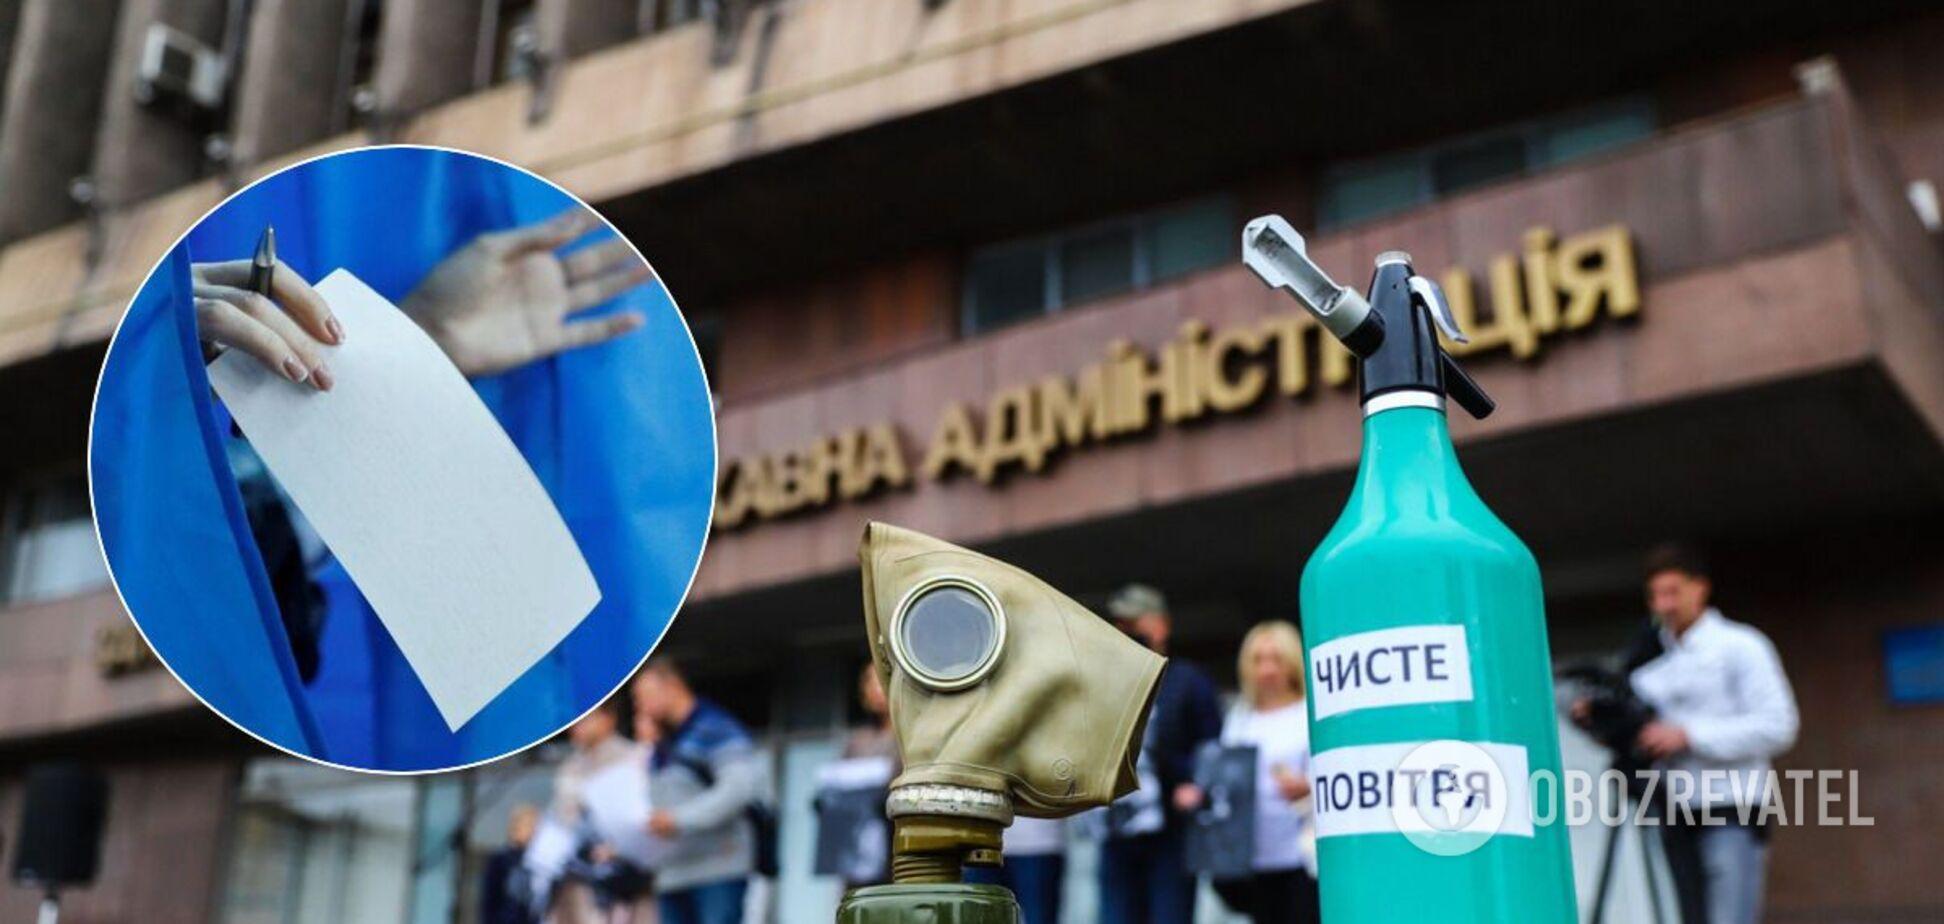 В Запорожье эко-активисты митинговали против загрязнения воздуха: их обвинили в пиаре